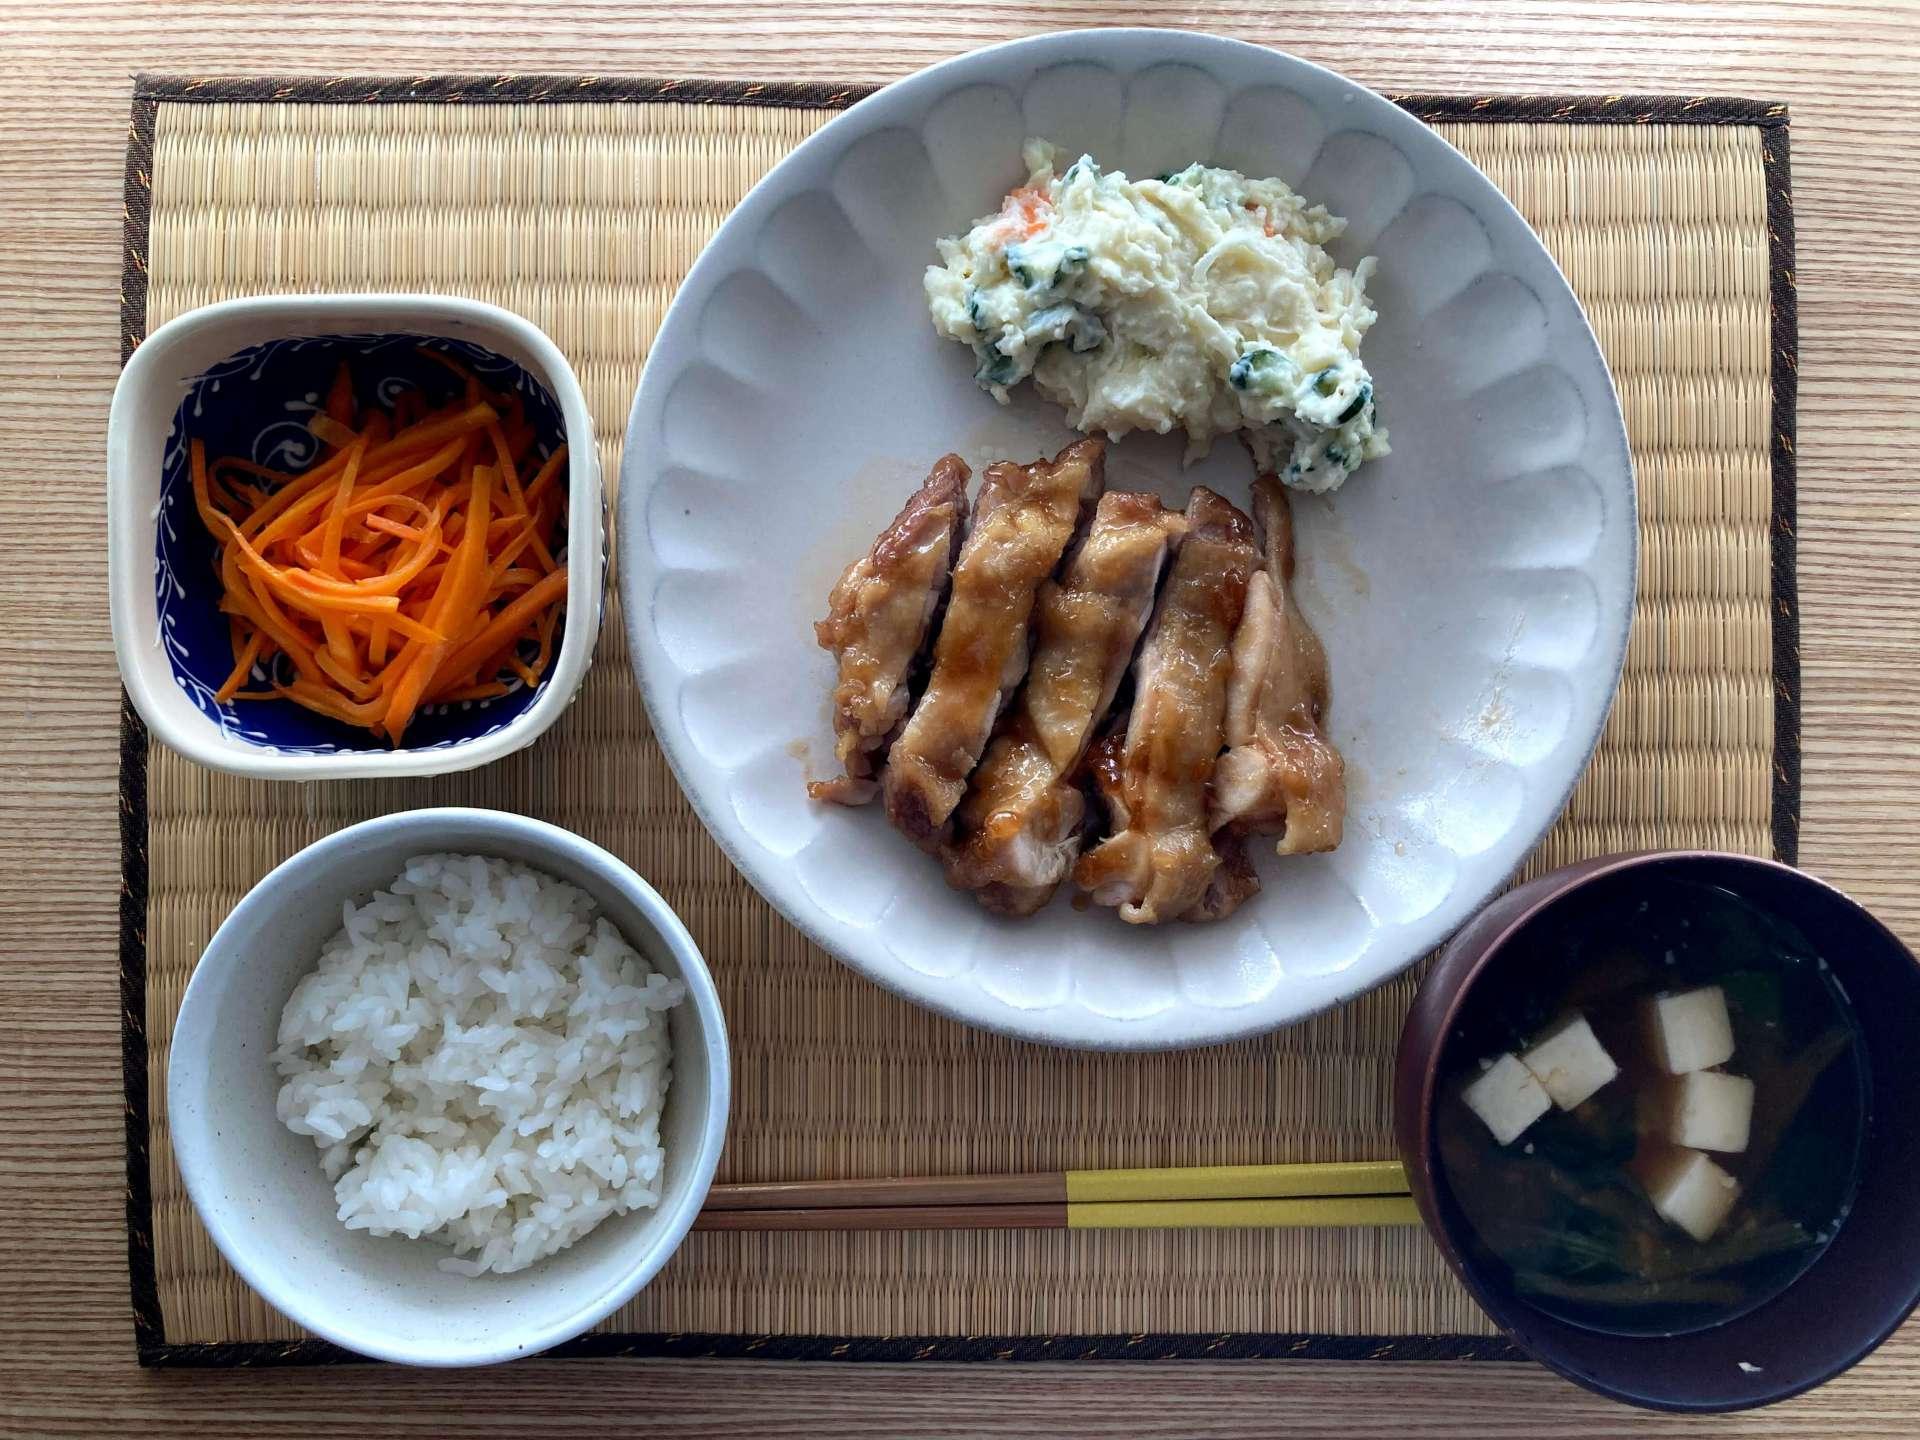 つくりおきレシピを活用して、冷めても美味しく頂けるメニューのストックを増やしておいて、後は夕飯の直前にお肉や魚をを焼くだけ。在宅だからこそできる、息抜き方法です。(このお部屋をもっと見る)